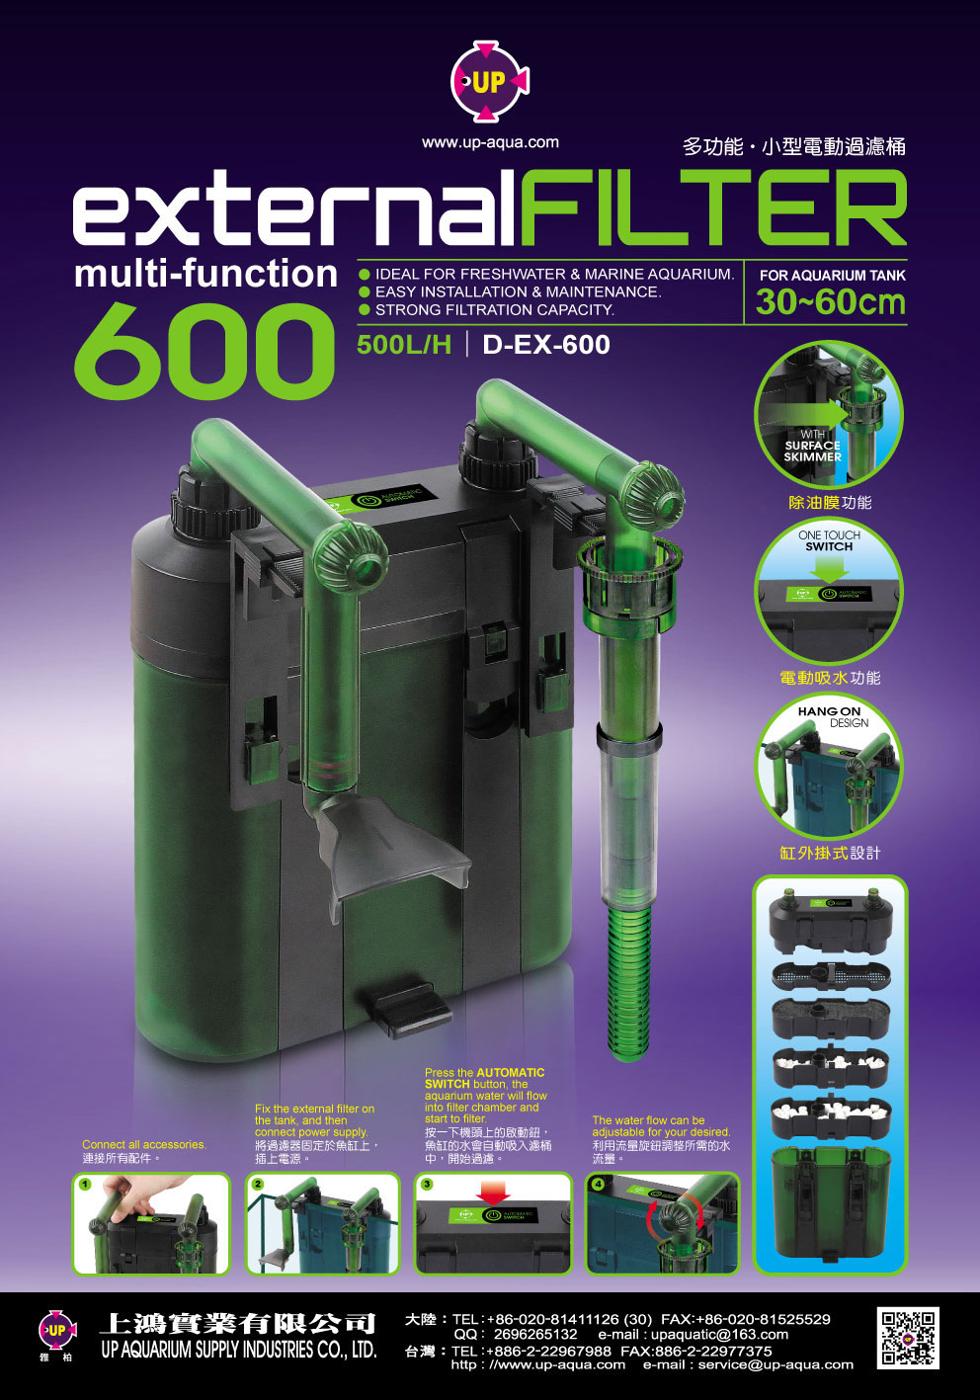 台中水族UP-D-EX-600外掛式過濾器-500L H除油膜自動排氣